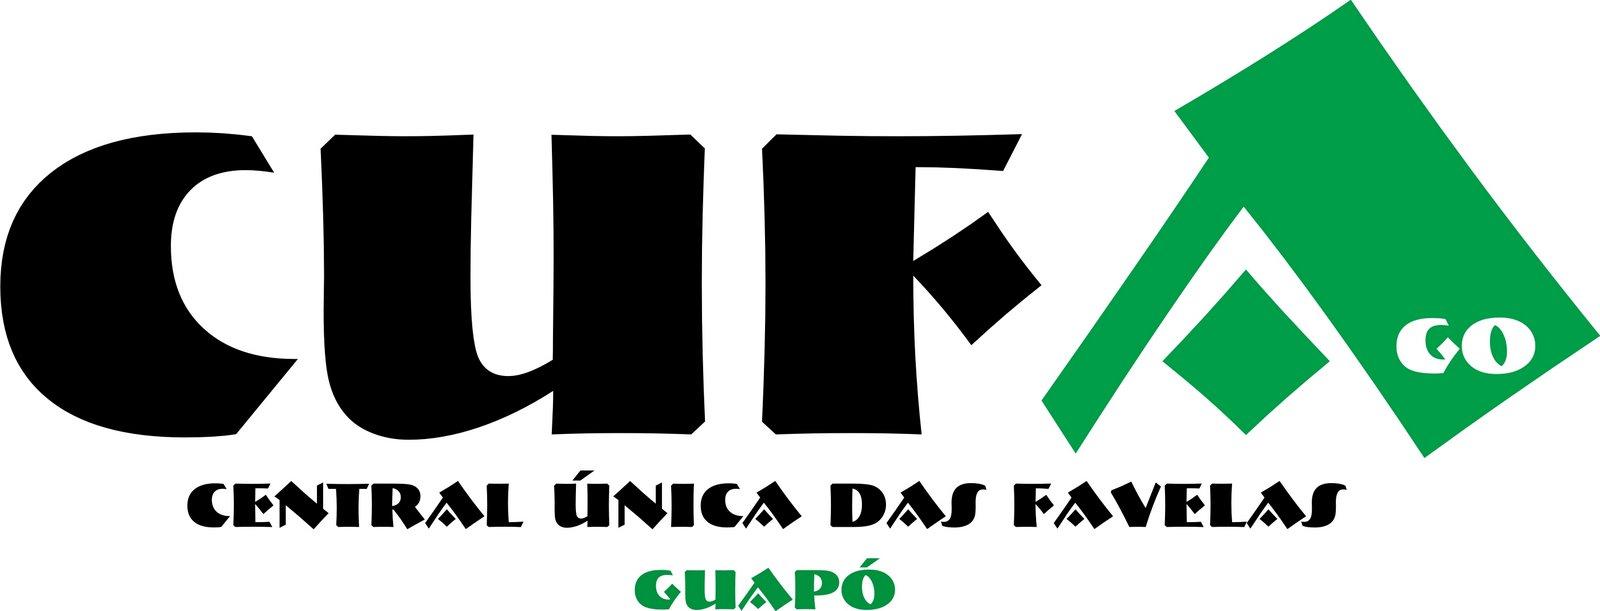 CUFA Guapó